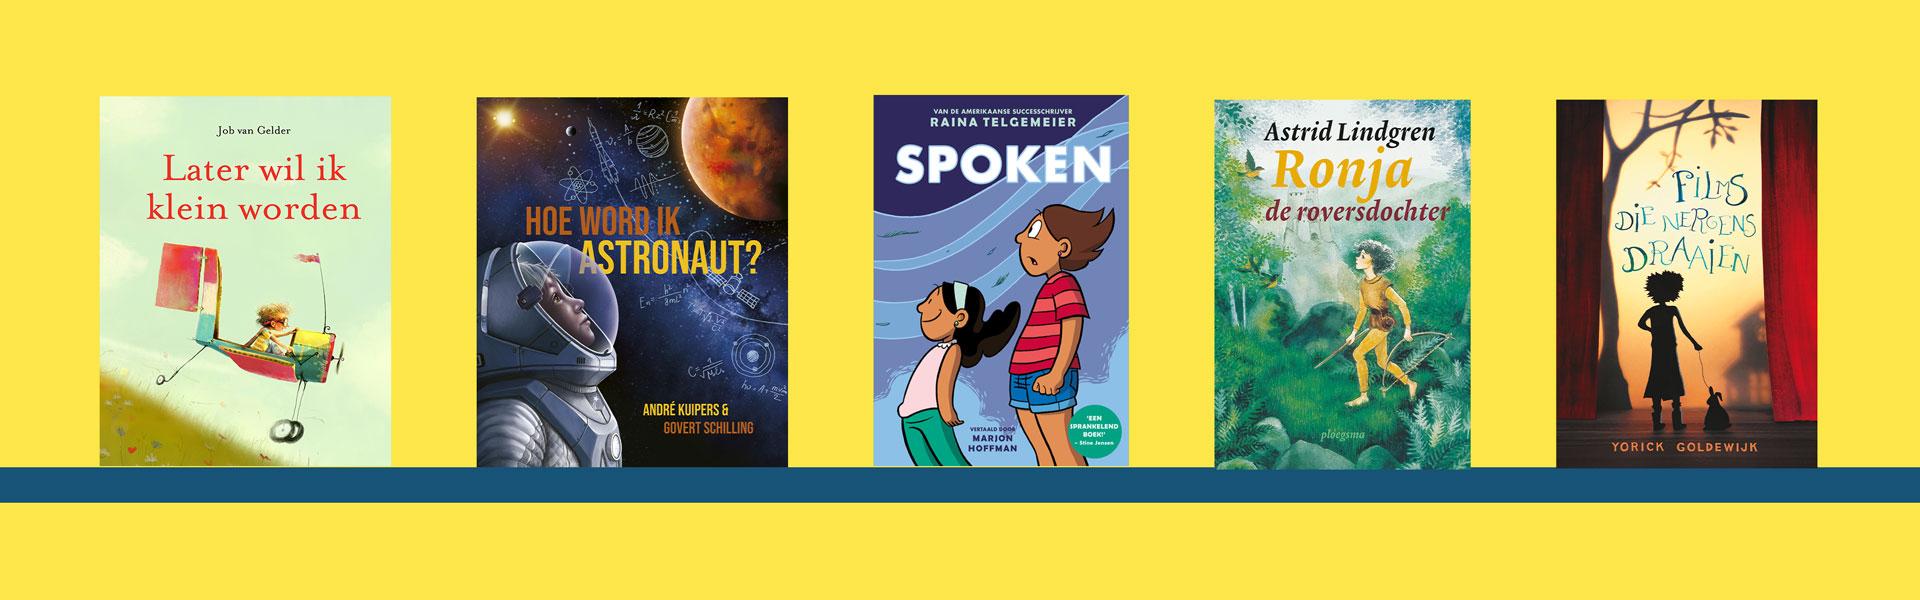 Tips-van-team-kinderboeken2